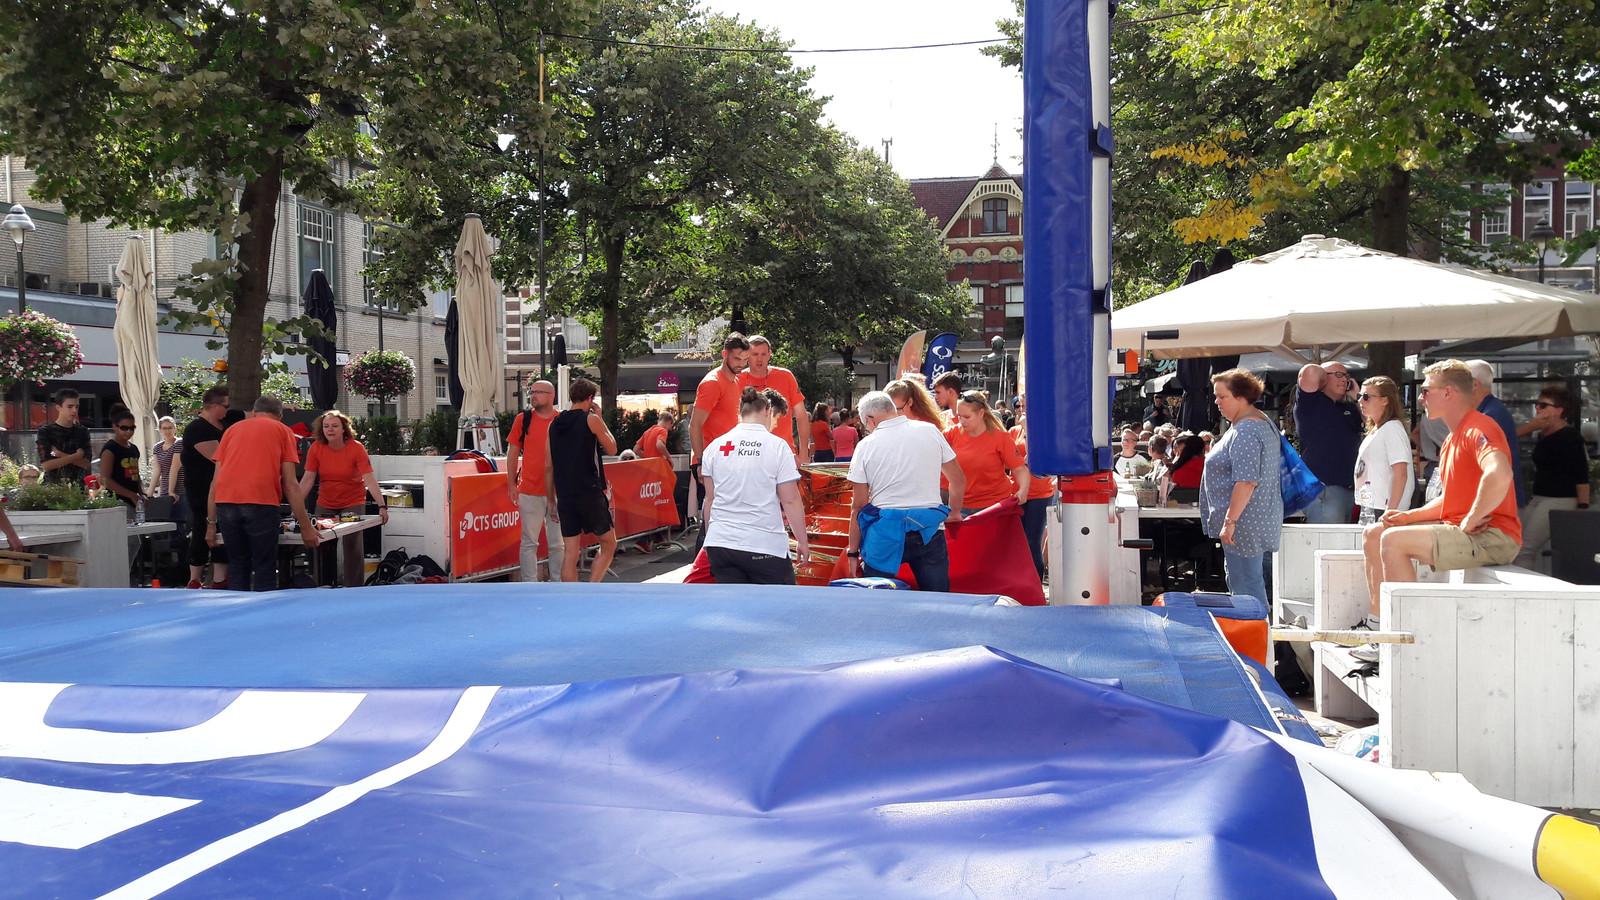 De Urban Pole Vault Series Apeldoorn werden zondagmiddag stilgelegd nadat de Belg Guillaume Gobin gewond raakte bij een val.